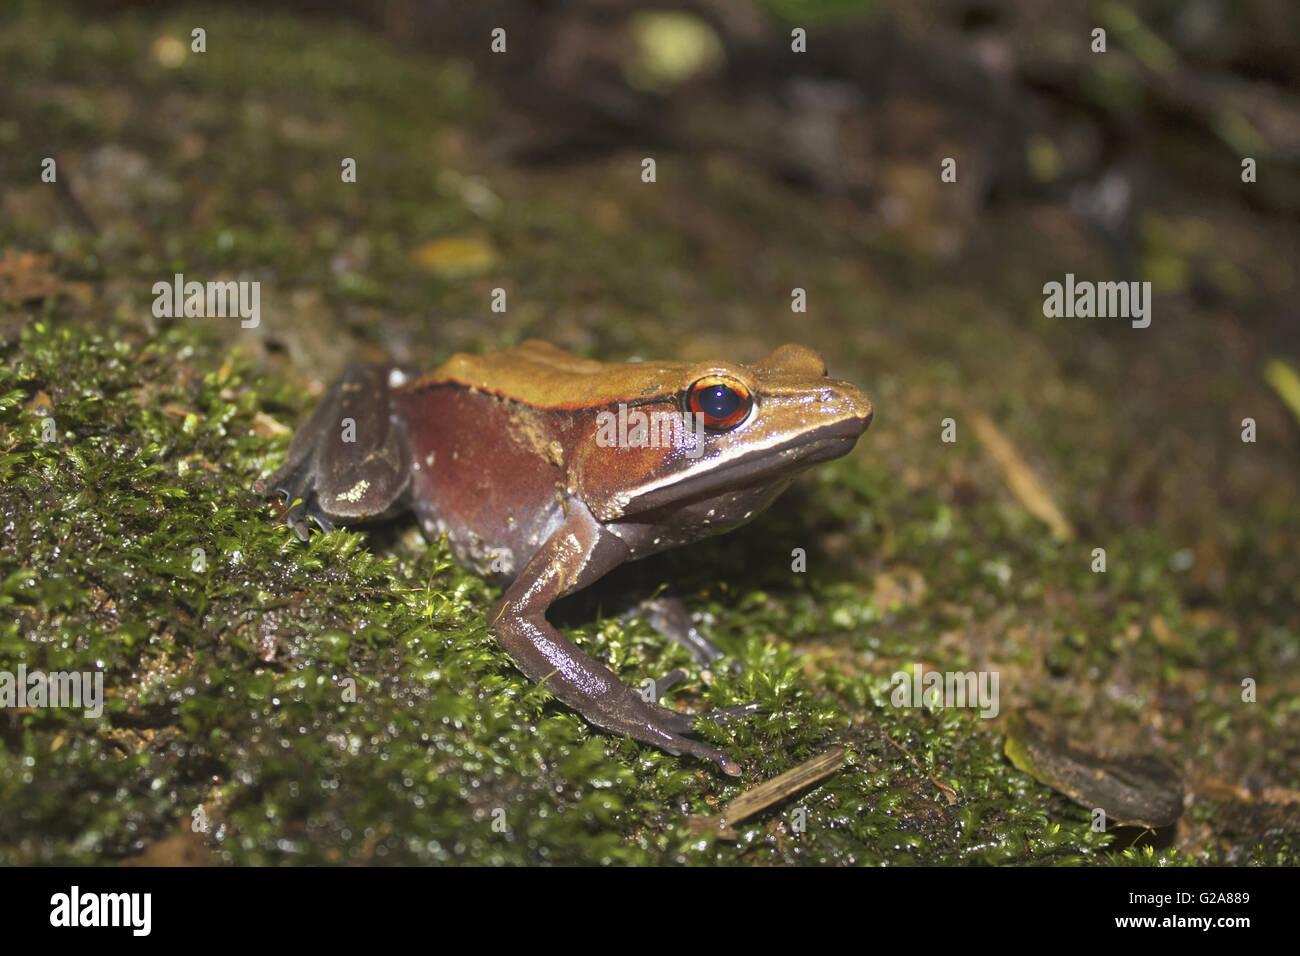 Bicolored frog or Malabar frog, Clinotarsus curtipes. Sharavathi Wildlife Sanctuary, Karnataka, India Stock Photo